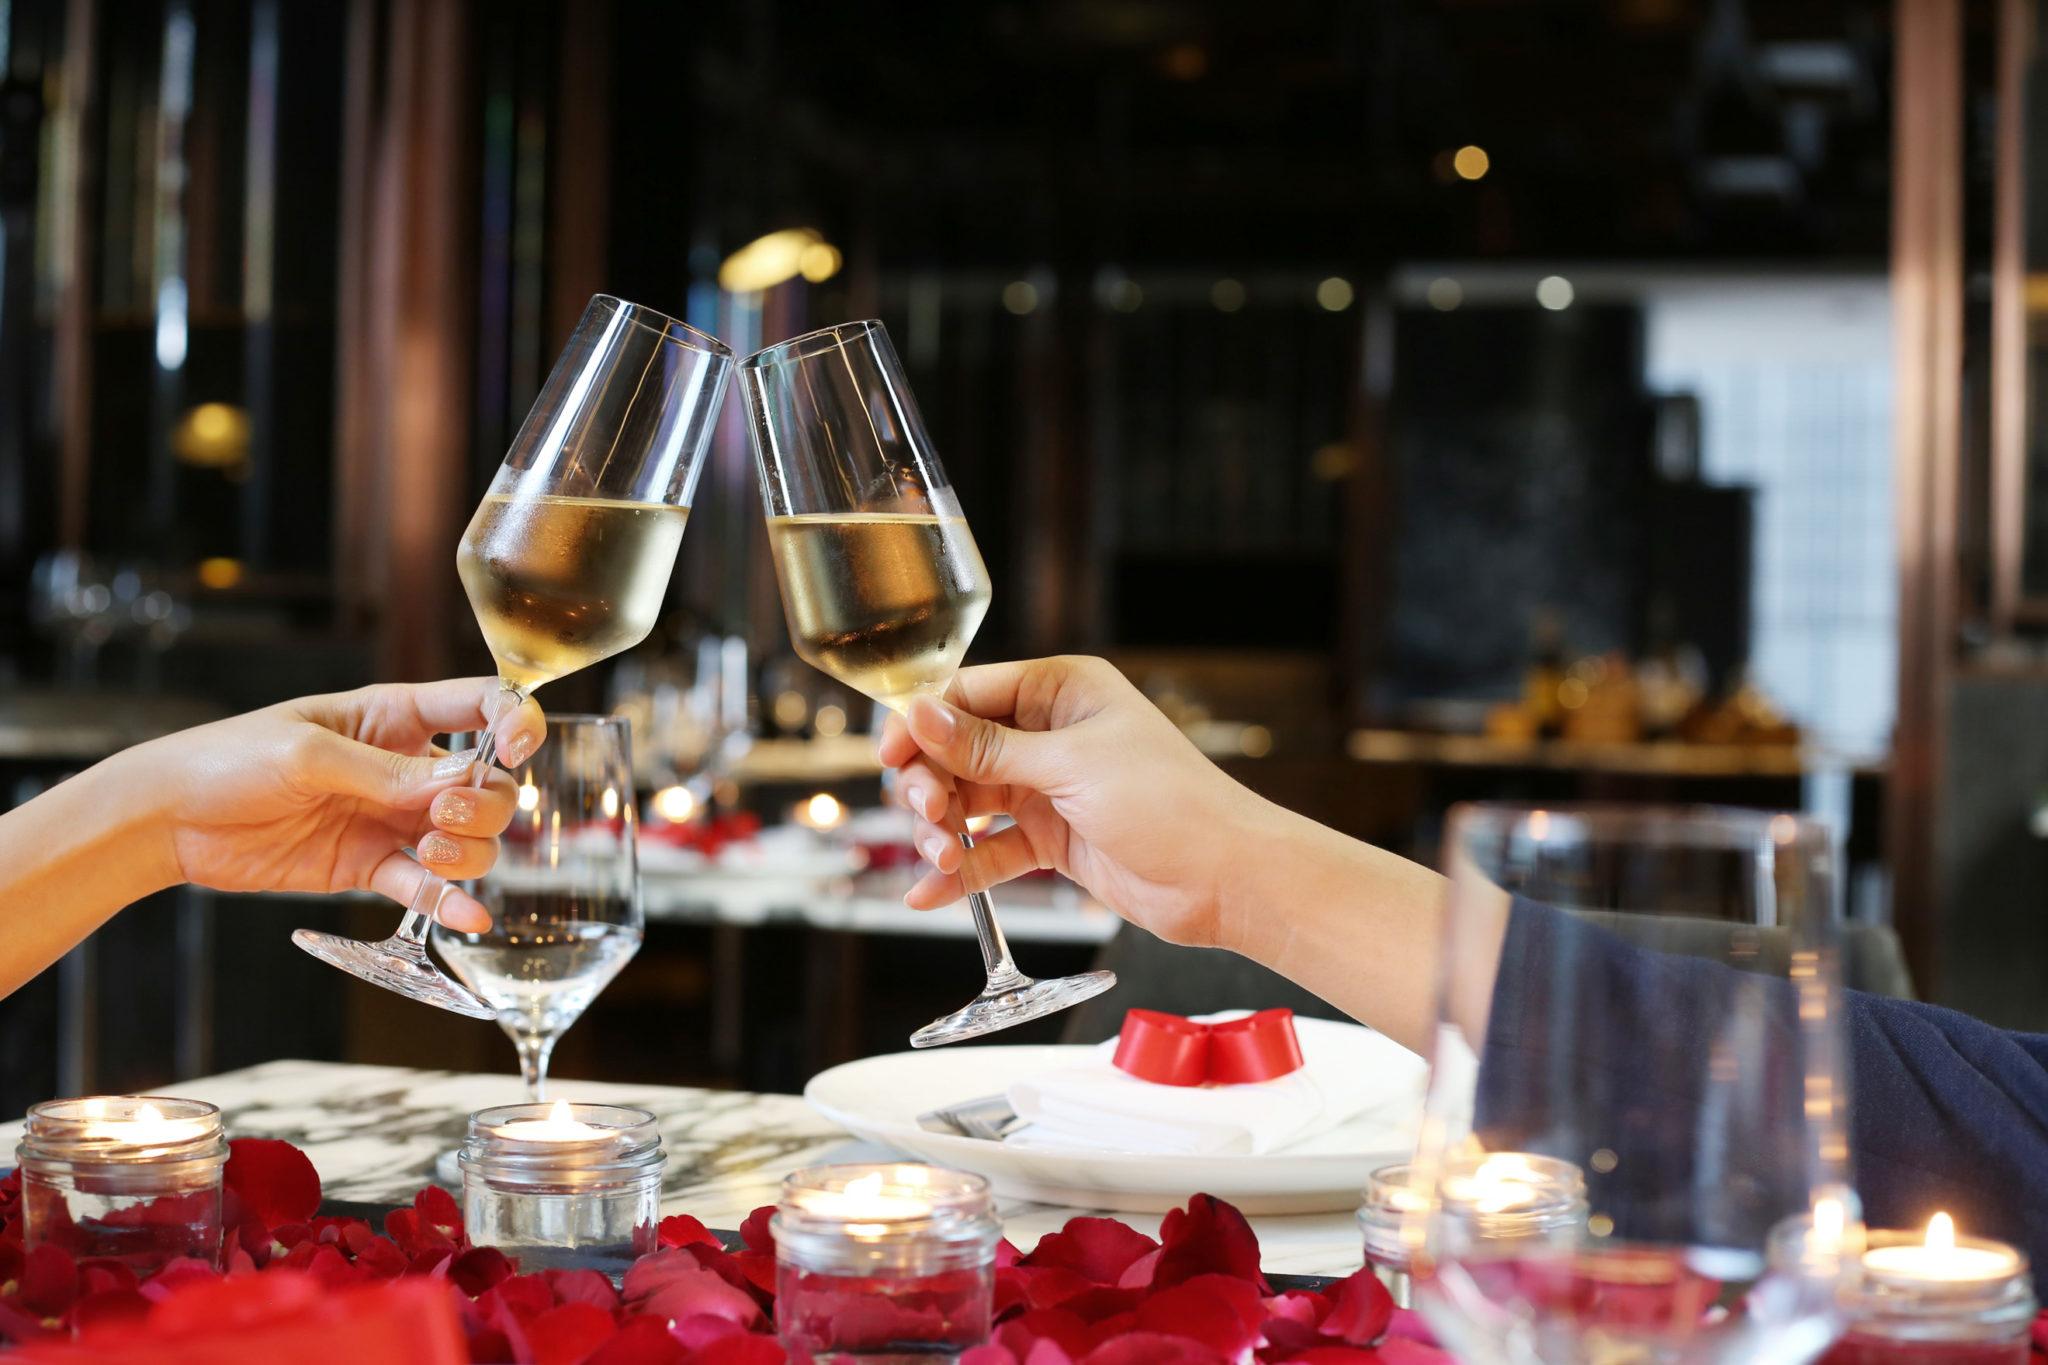 ฮิลตัน สุขุมวิท กรุงเทพฯ ชวนเหล่าคู่รัก มาเติมความหวาน ณ ห้องอาหาร สกาลินี 13 -